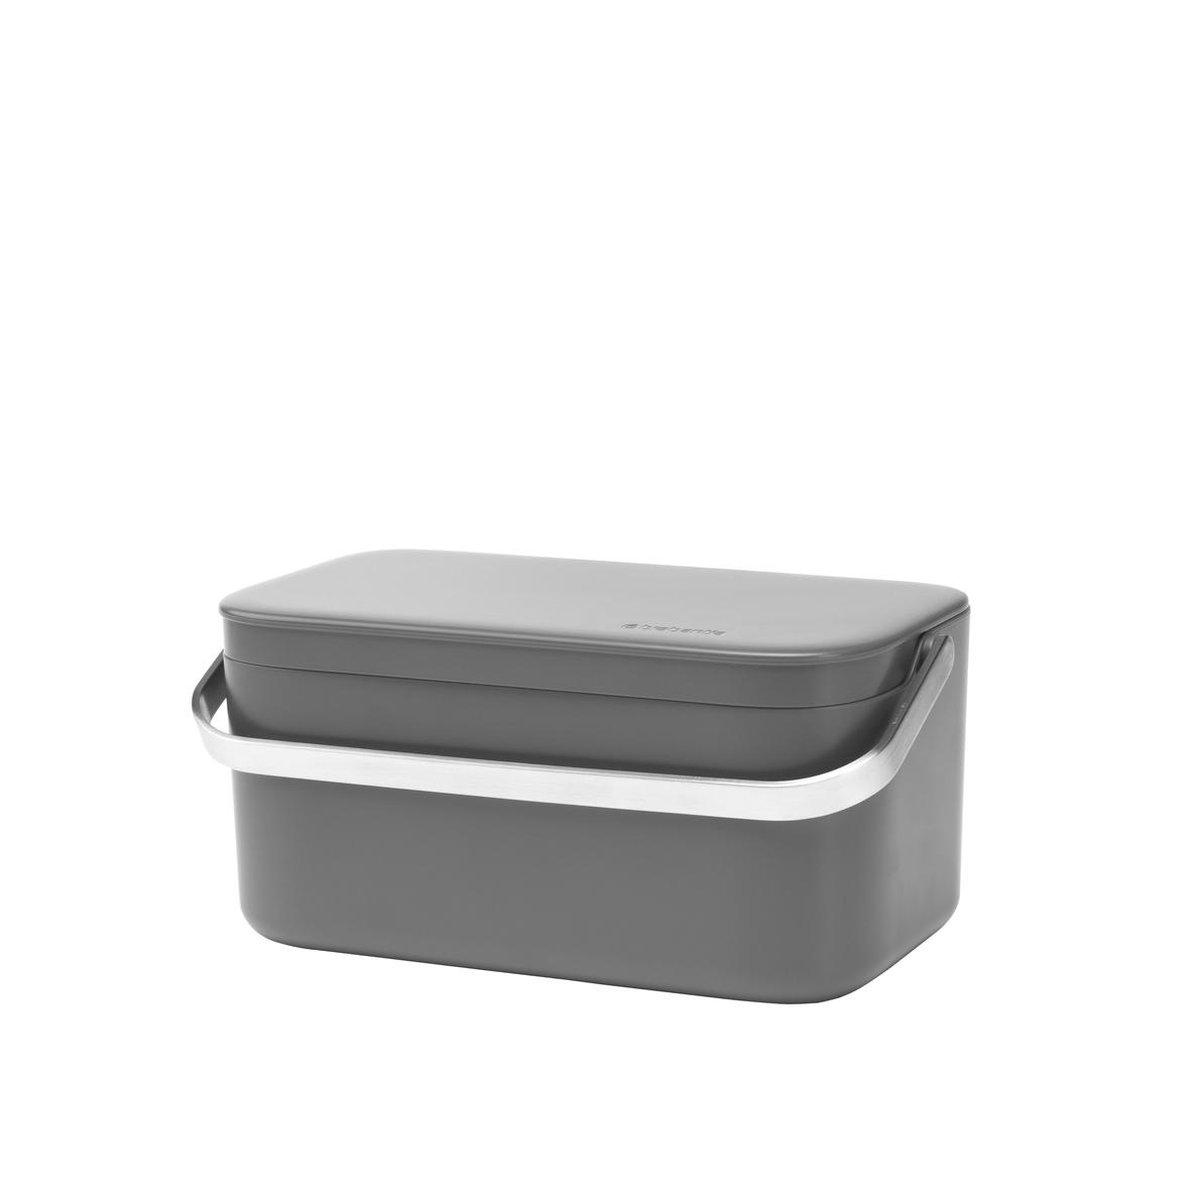 Brabantia Sink Side Aanrecht Afvalbakje - 1,8 liter - Dark Grey